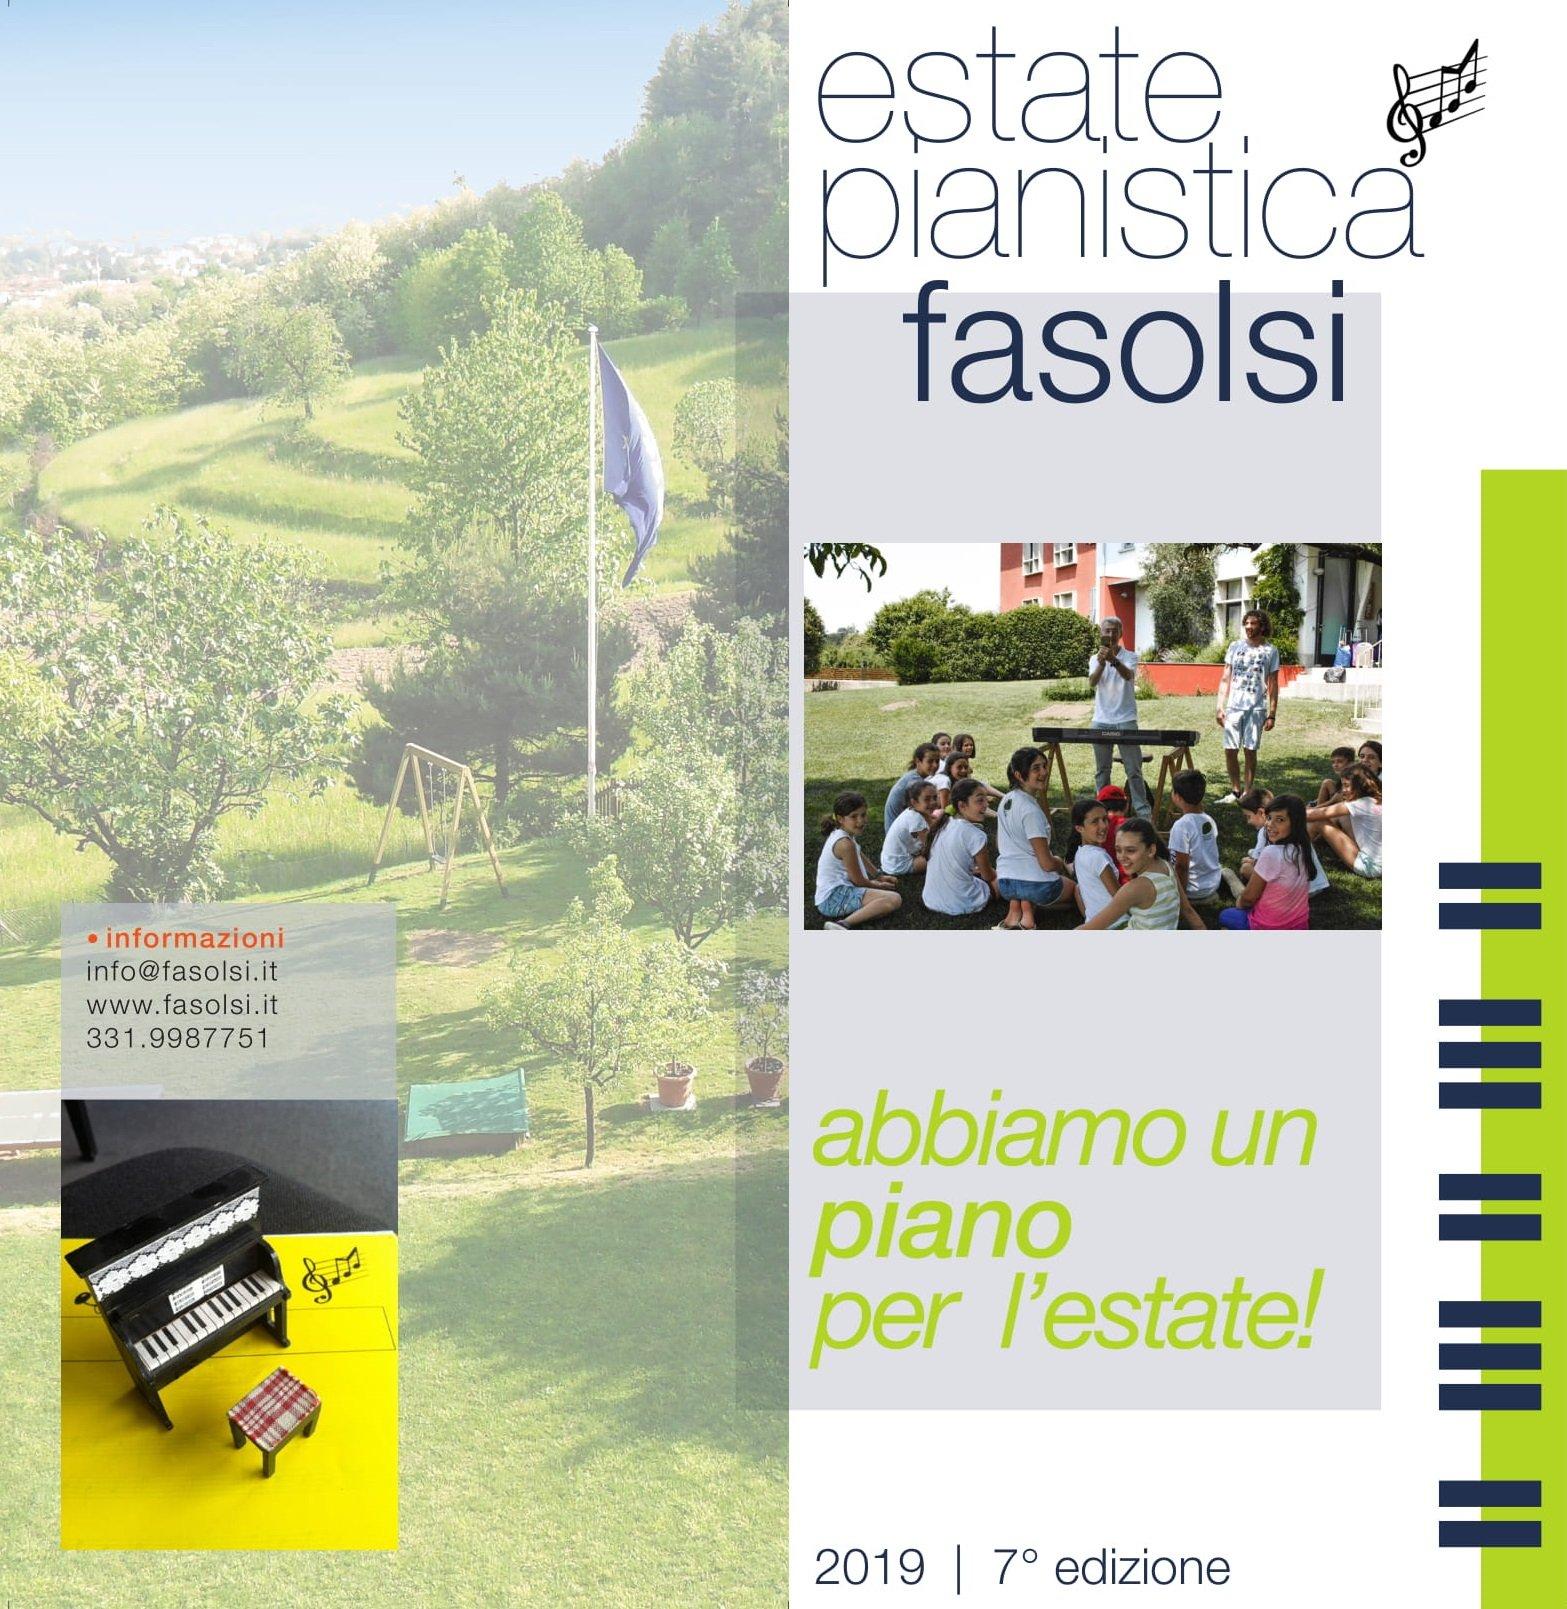 Campus Pianistico FaSolSi 2019